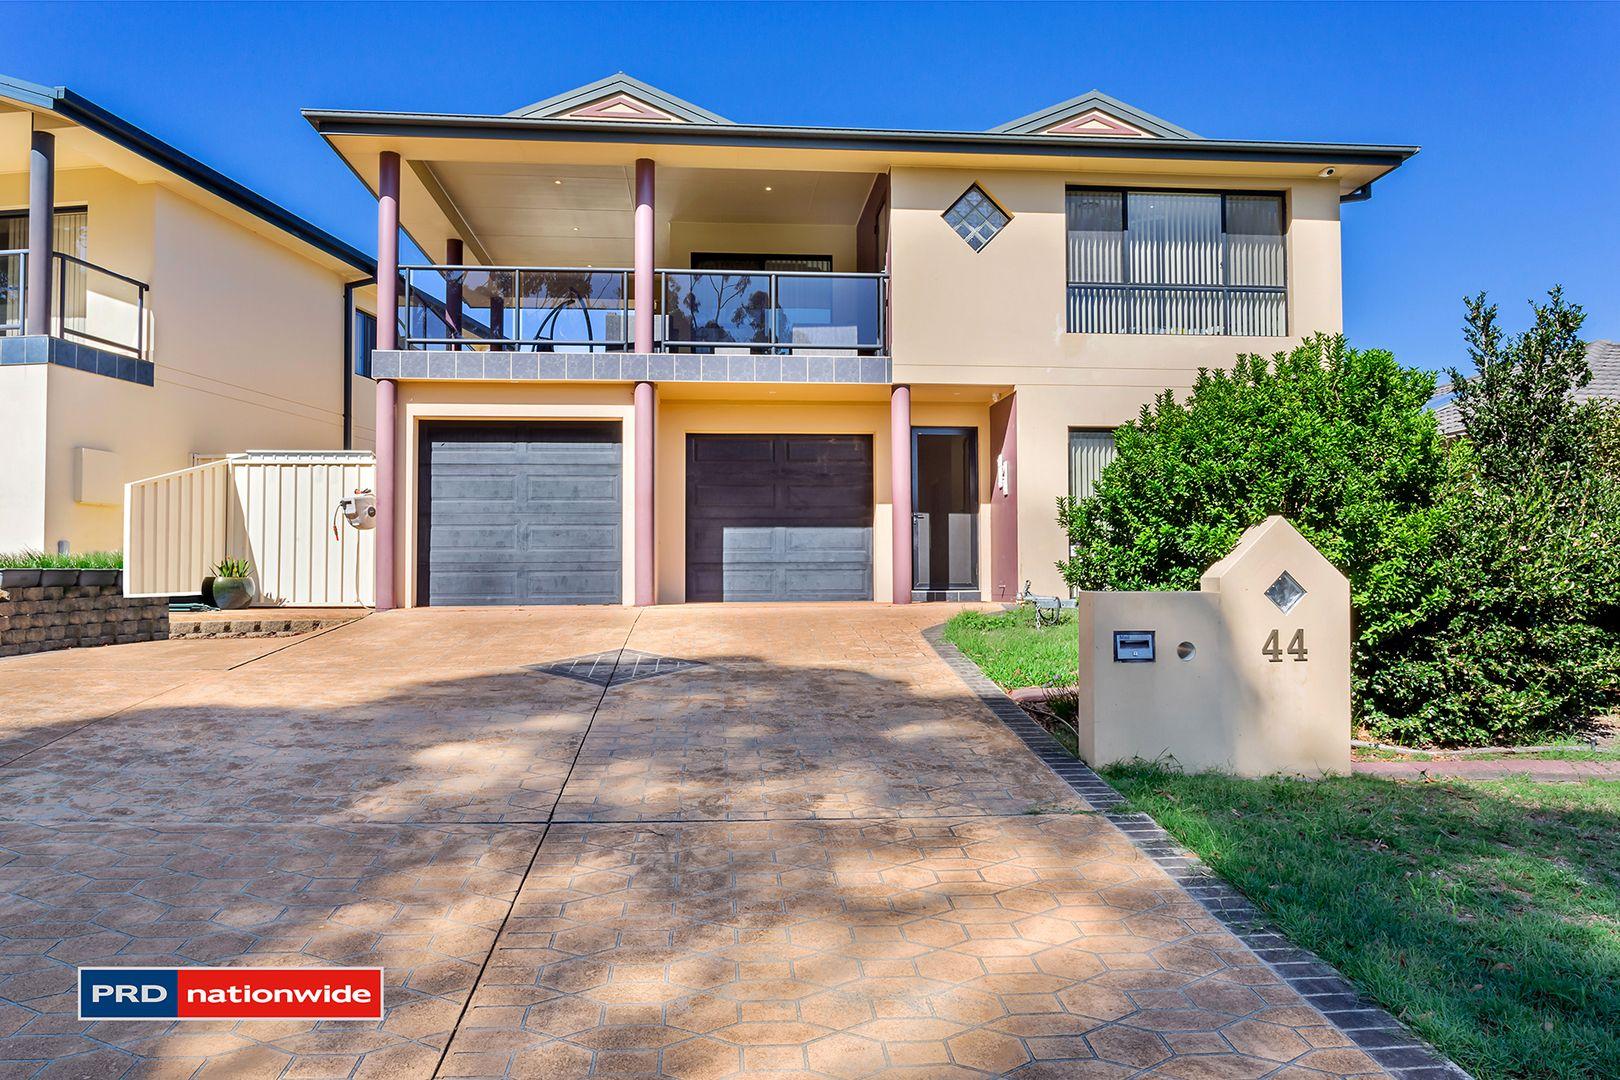 44 Albacore Drive, Corlette NSW 2315, Image 0